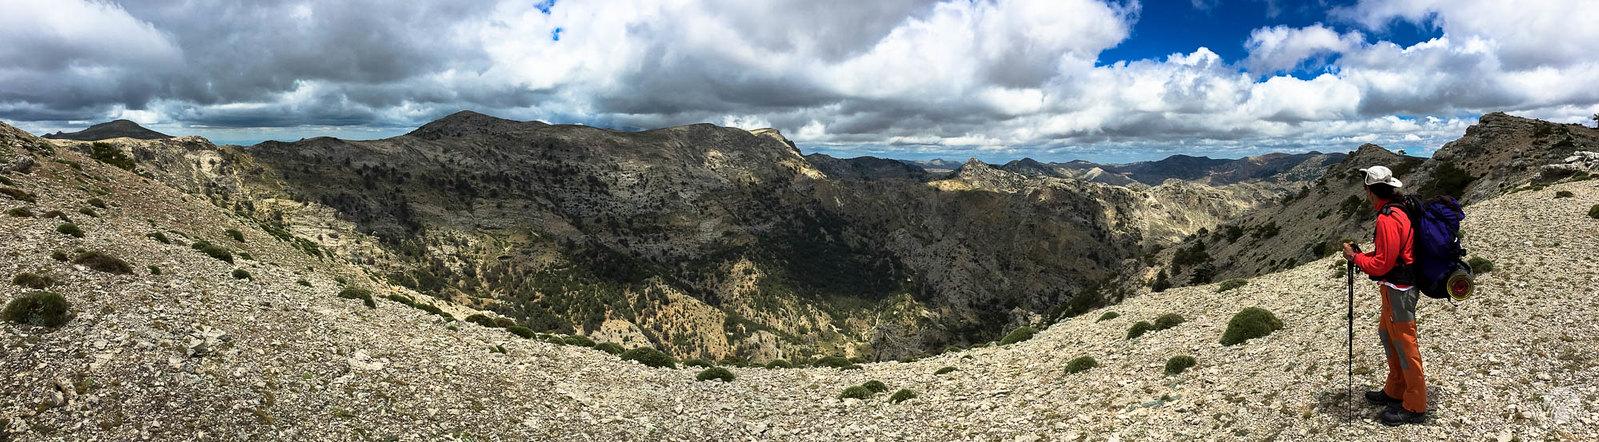 Fuerte viento con vistas hacia el macizo de las Empanadas